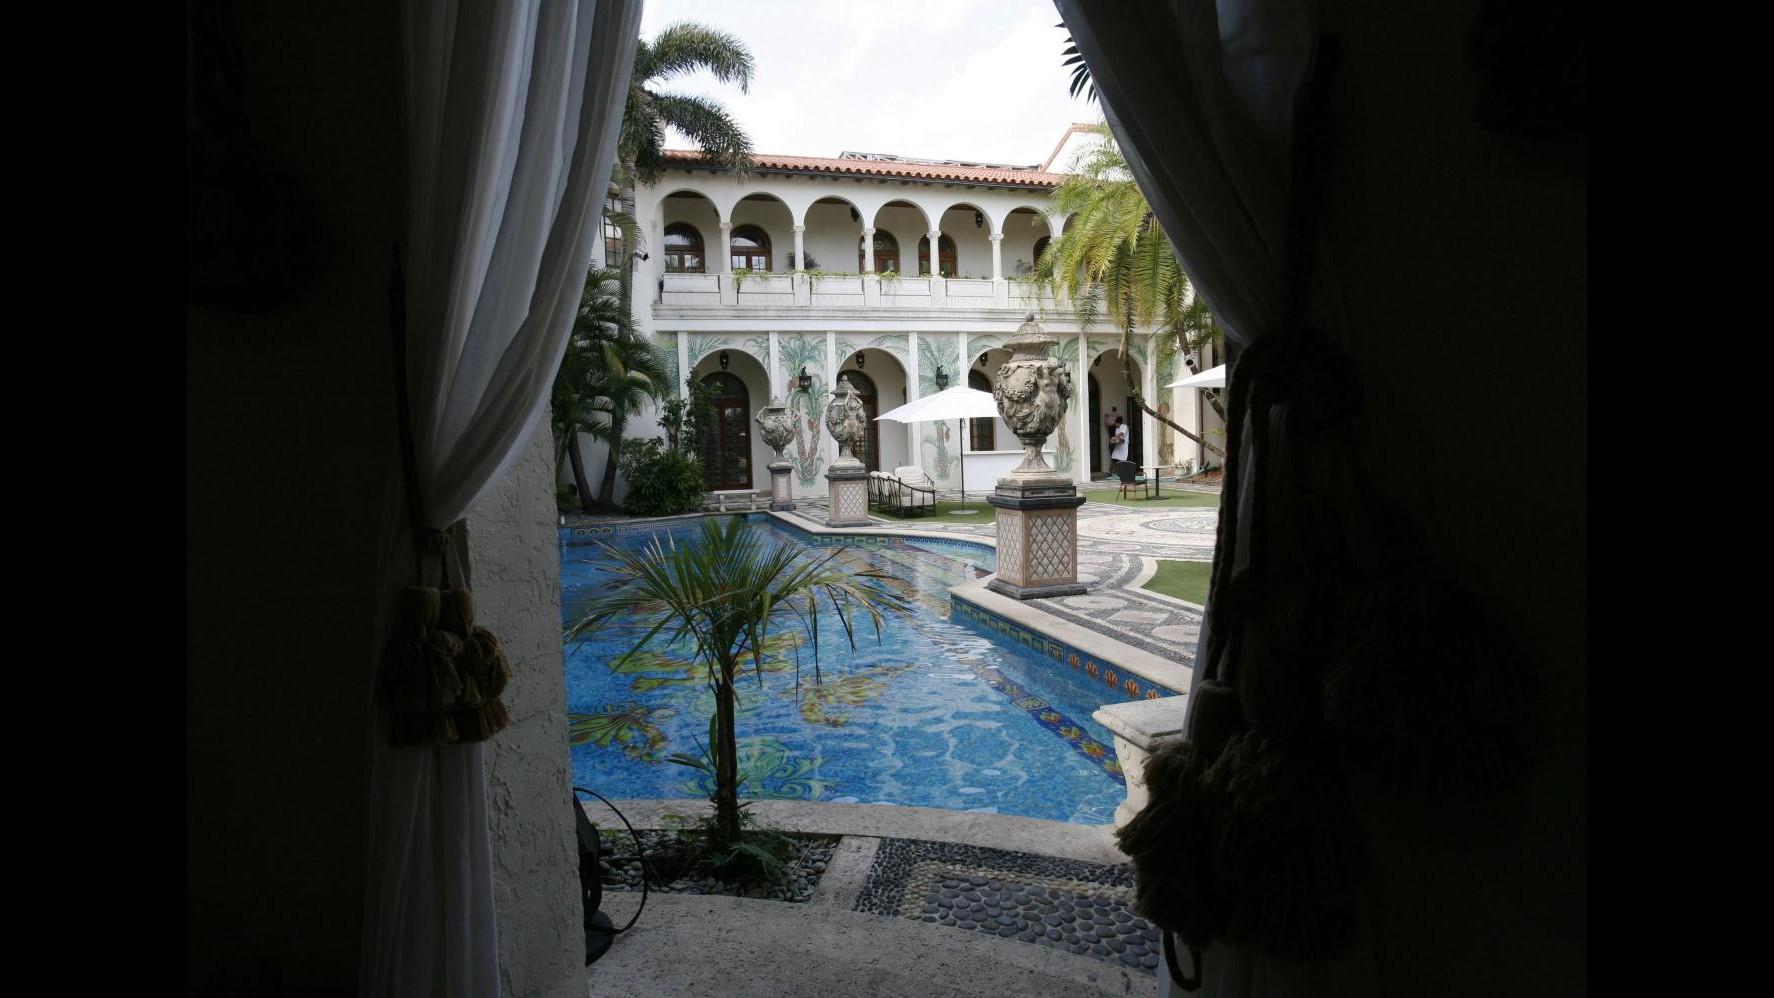 In vendita la villa di Miami dove è morto Versace